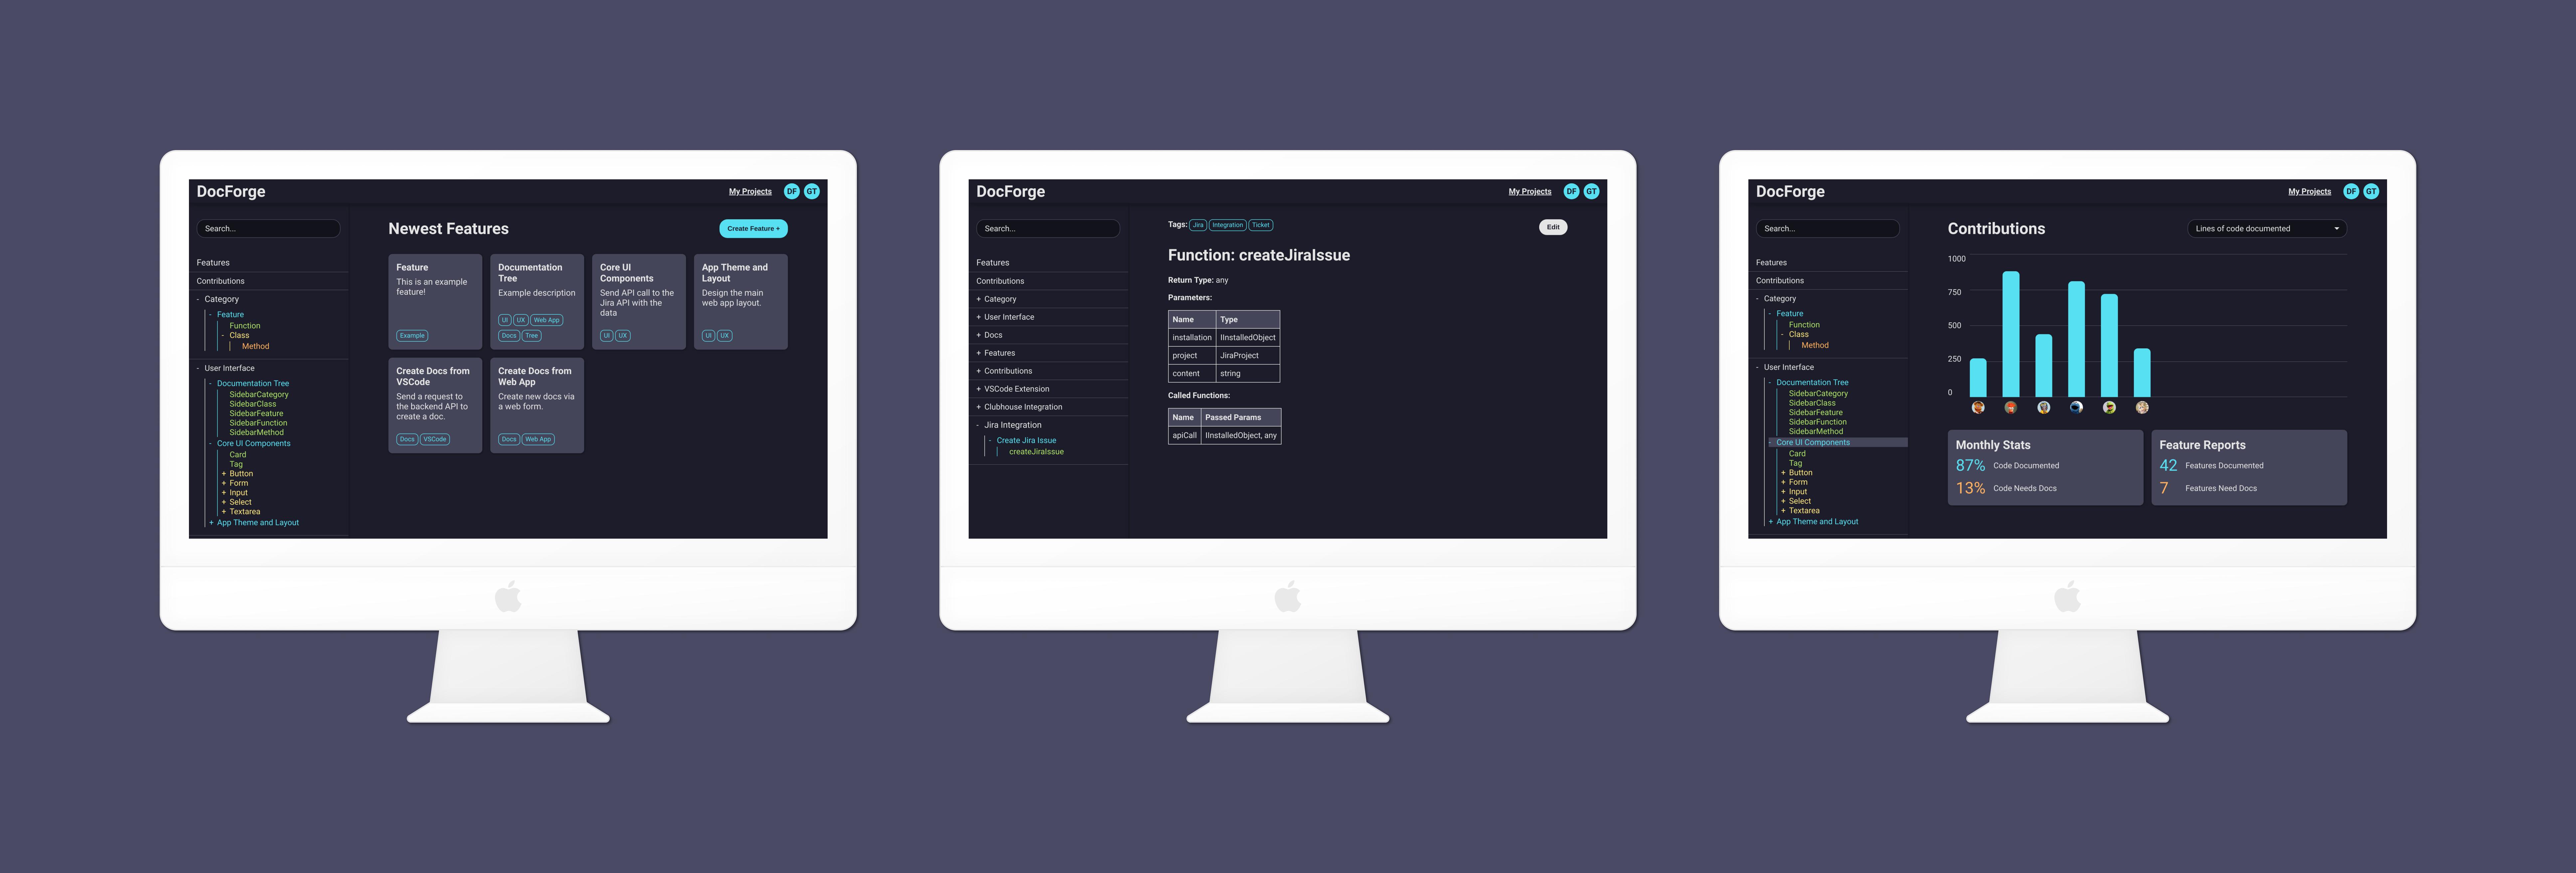 DocForge Documentation Tool Previews